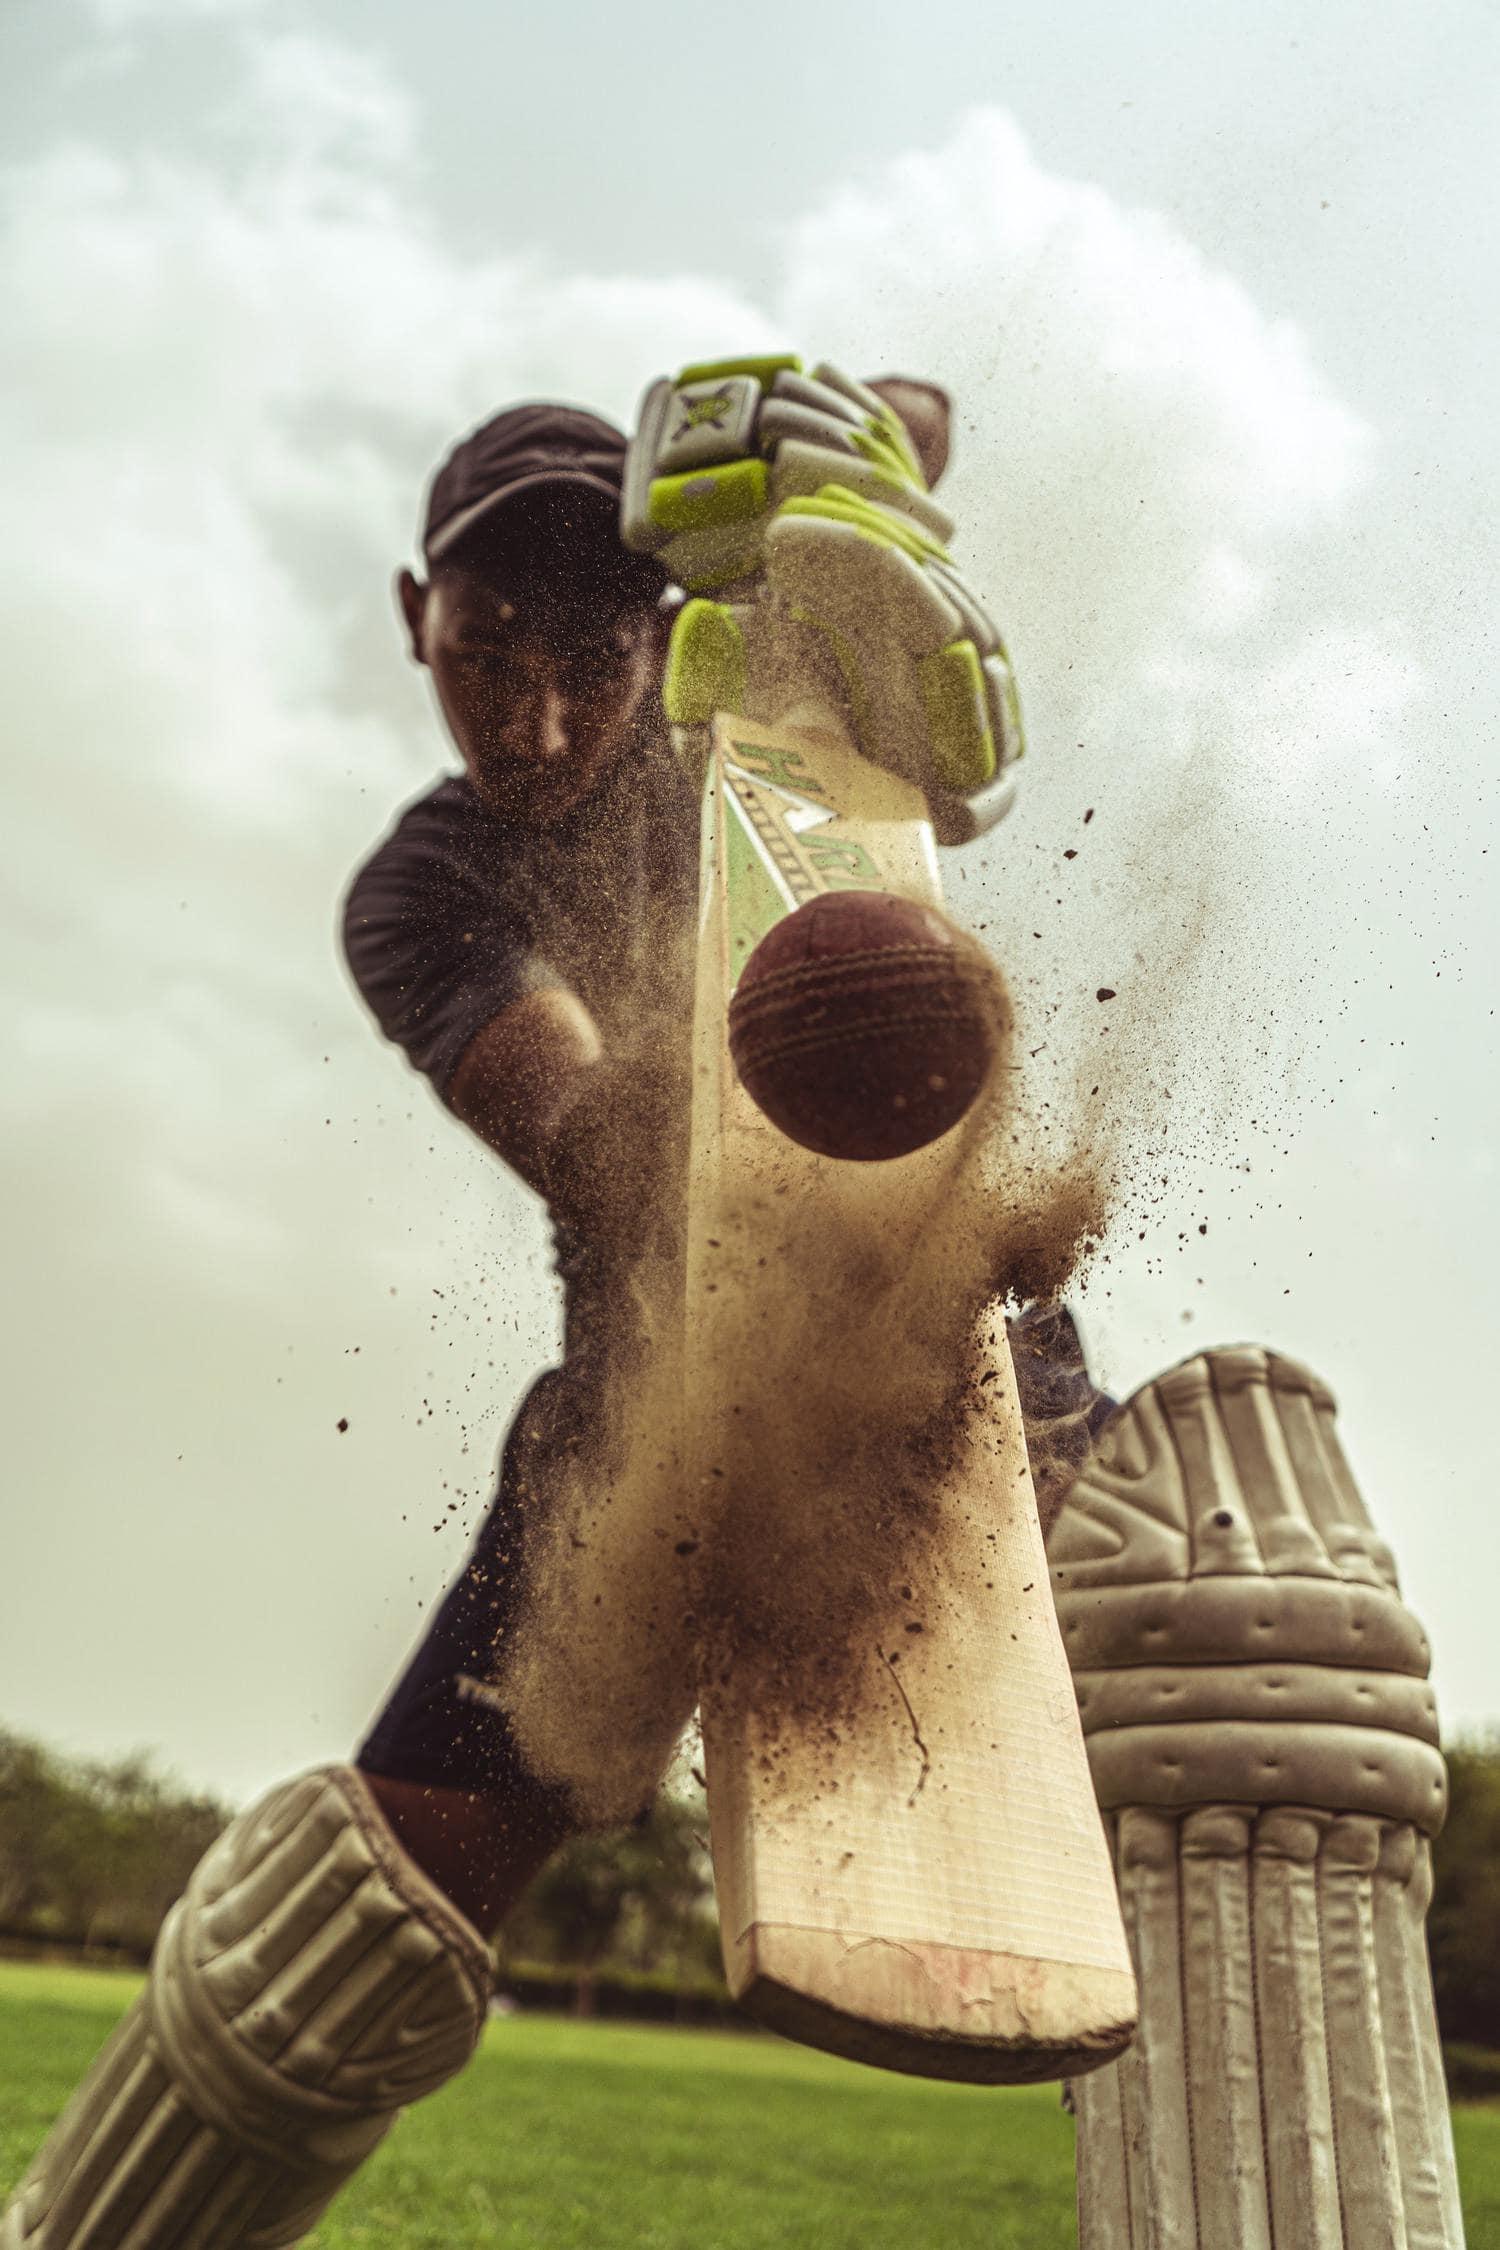 Jugador de cricket golpeando bola